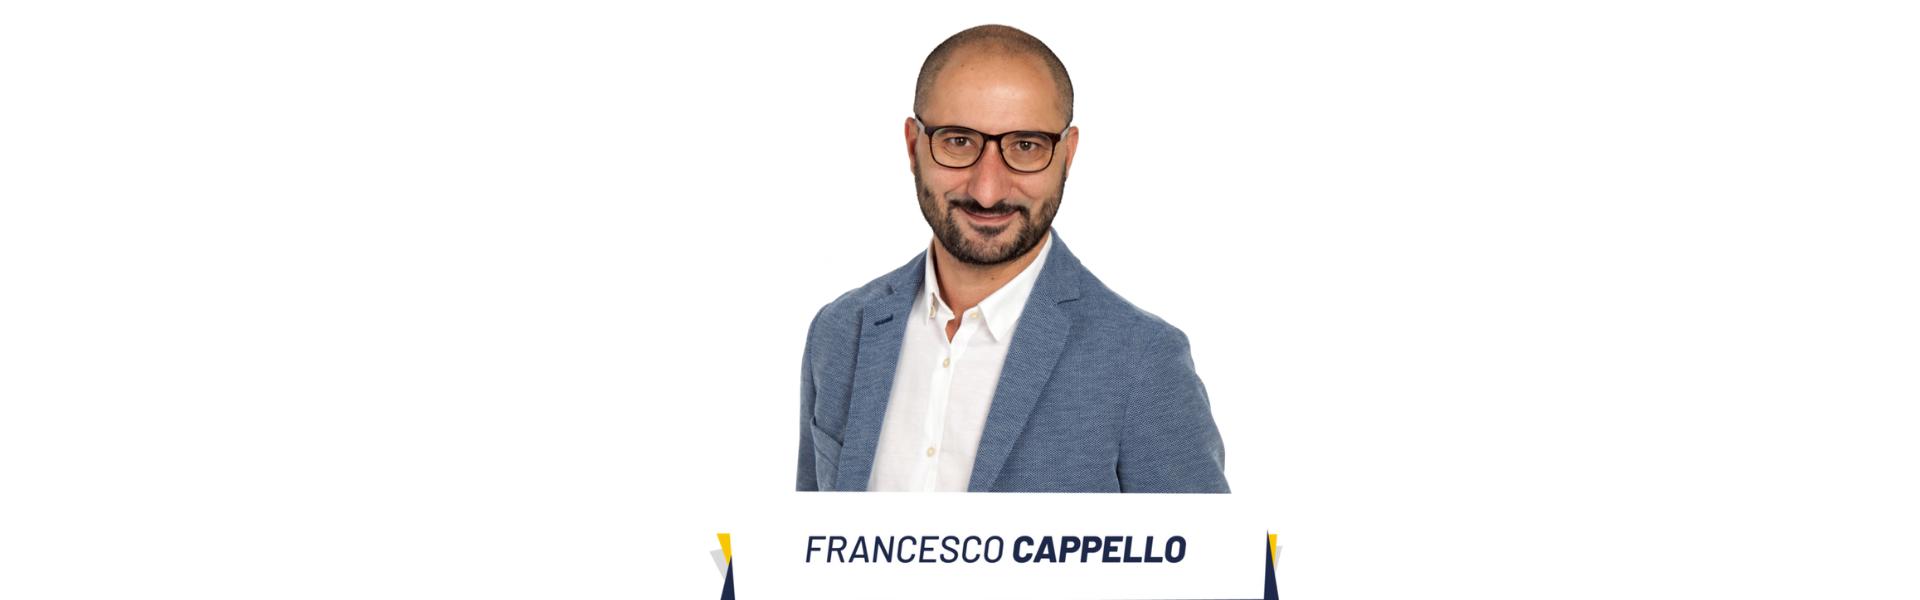 cappello-1596818208.png